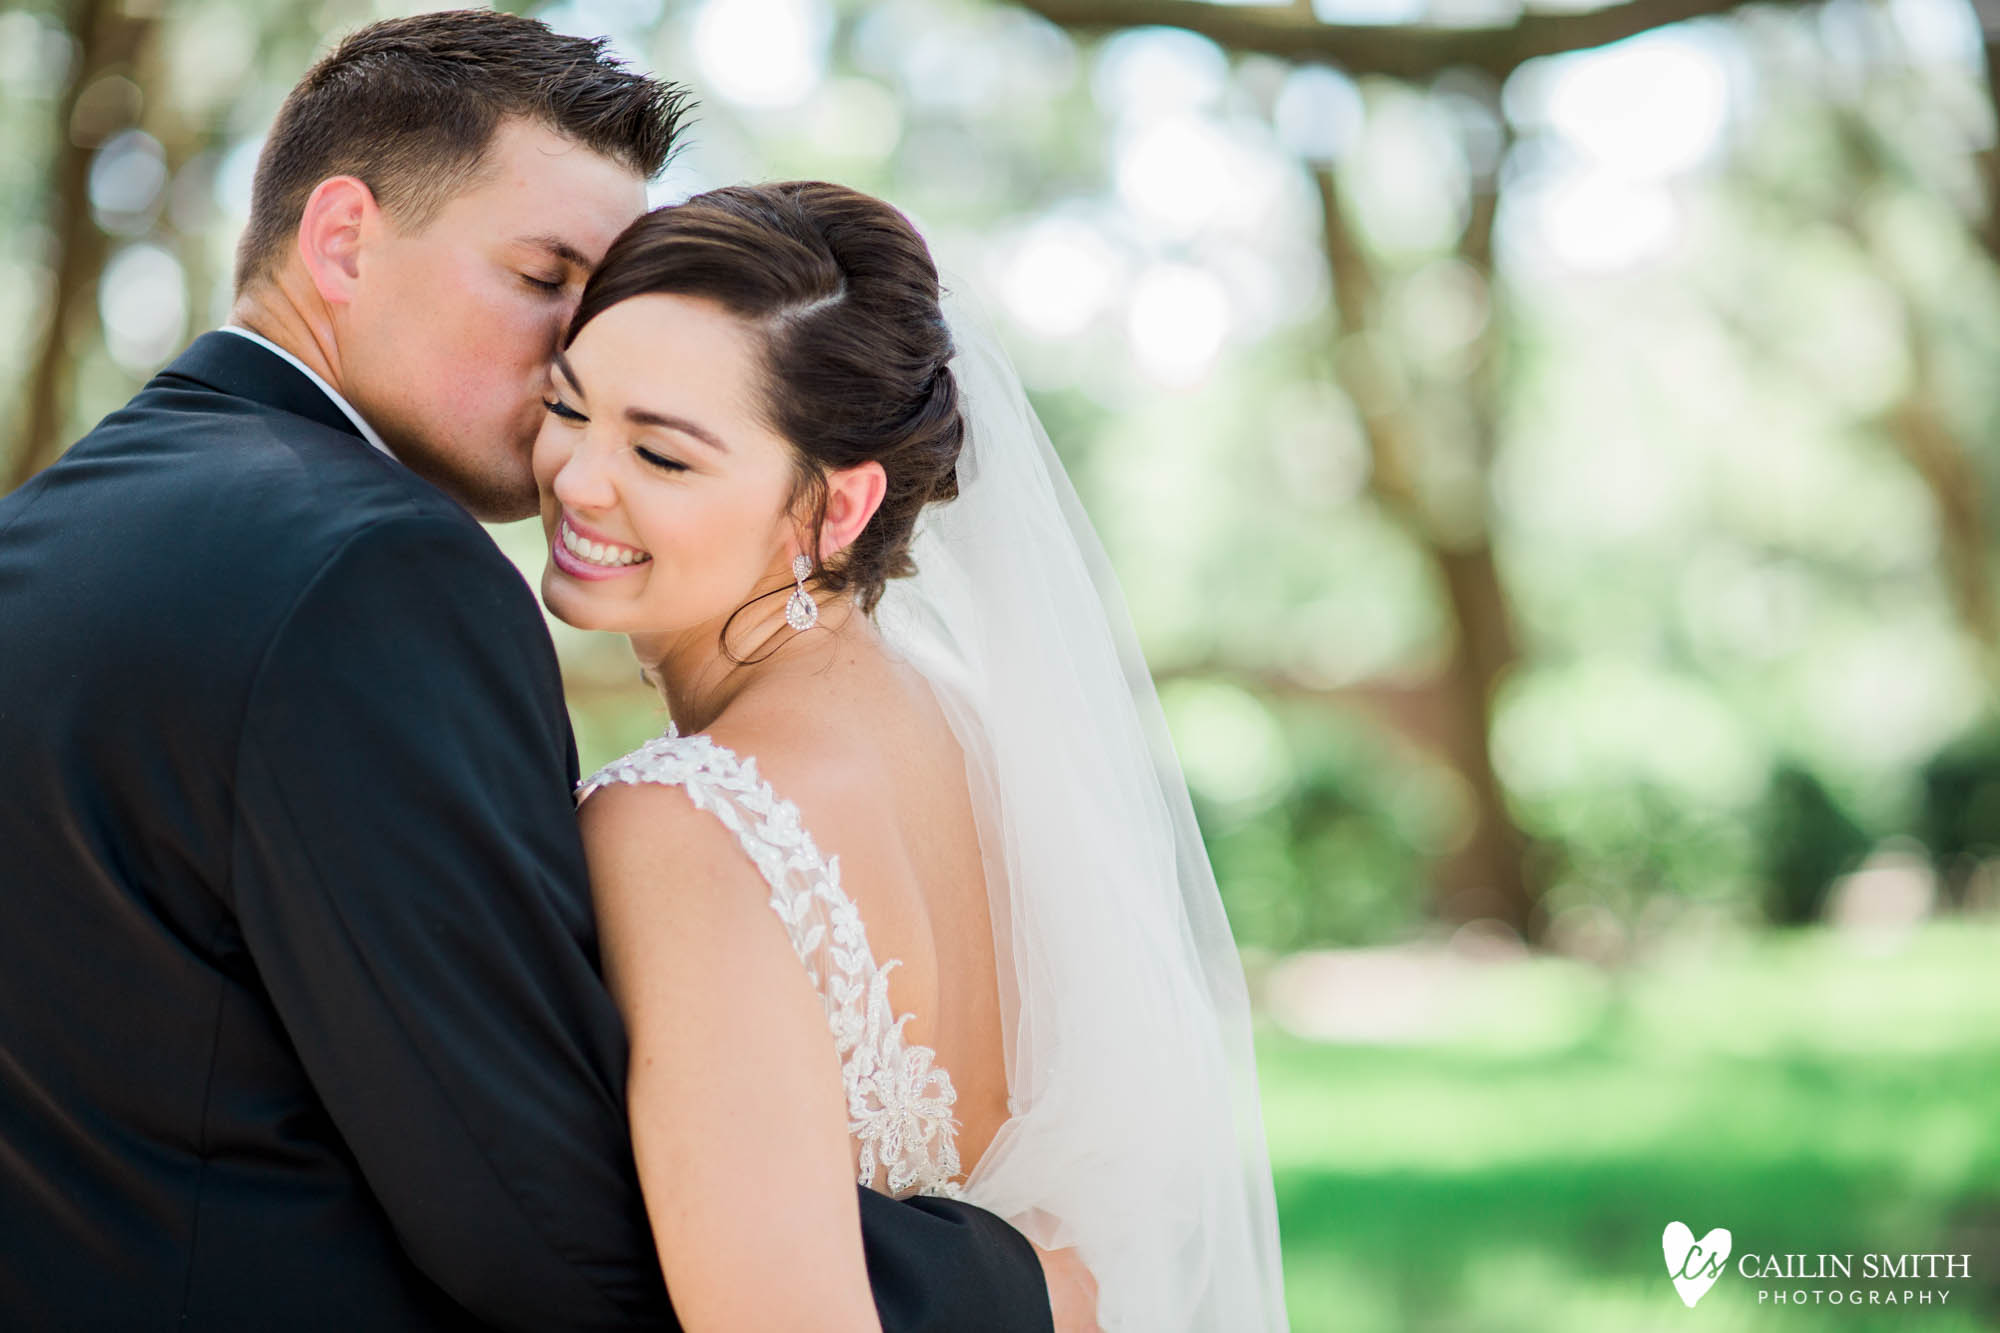 Bethany_Kyle_Bowing_Oaks_Plantation_Wedding_Photography_0045.jpg